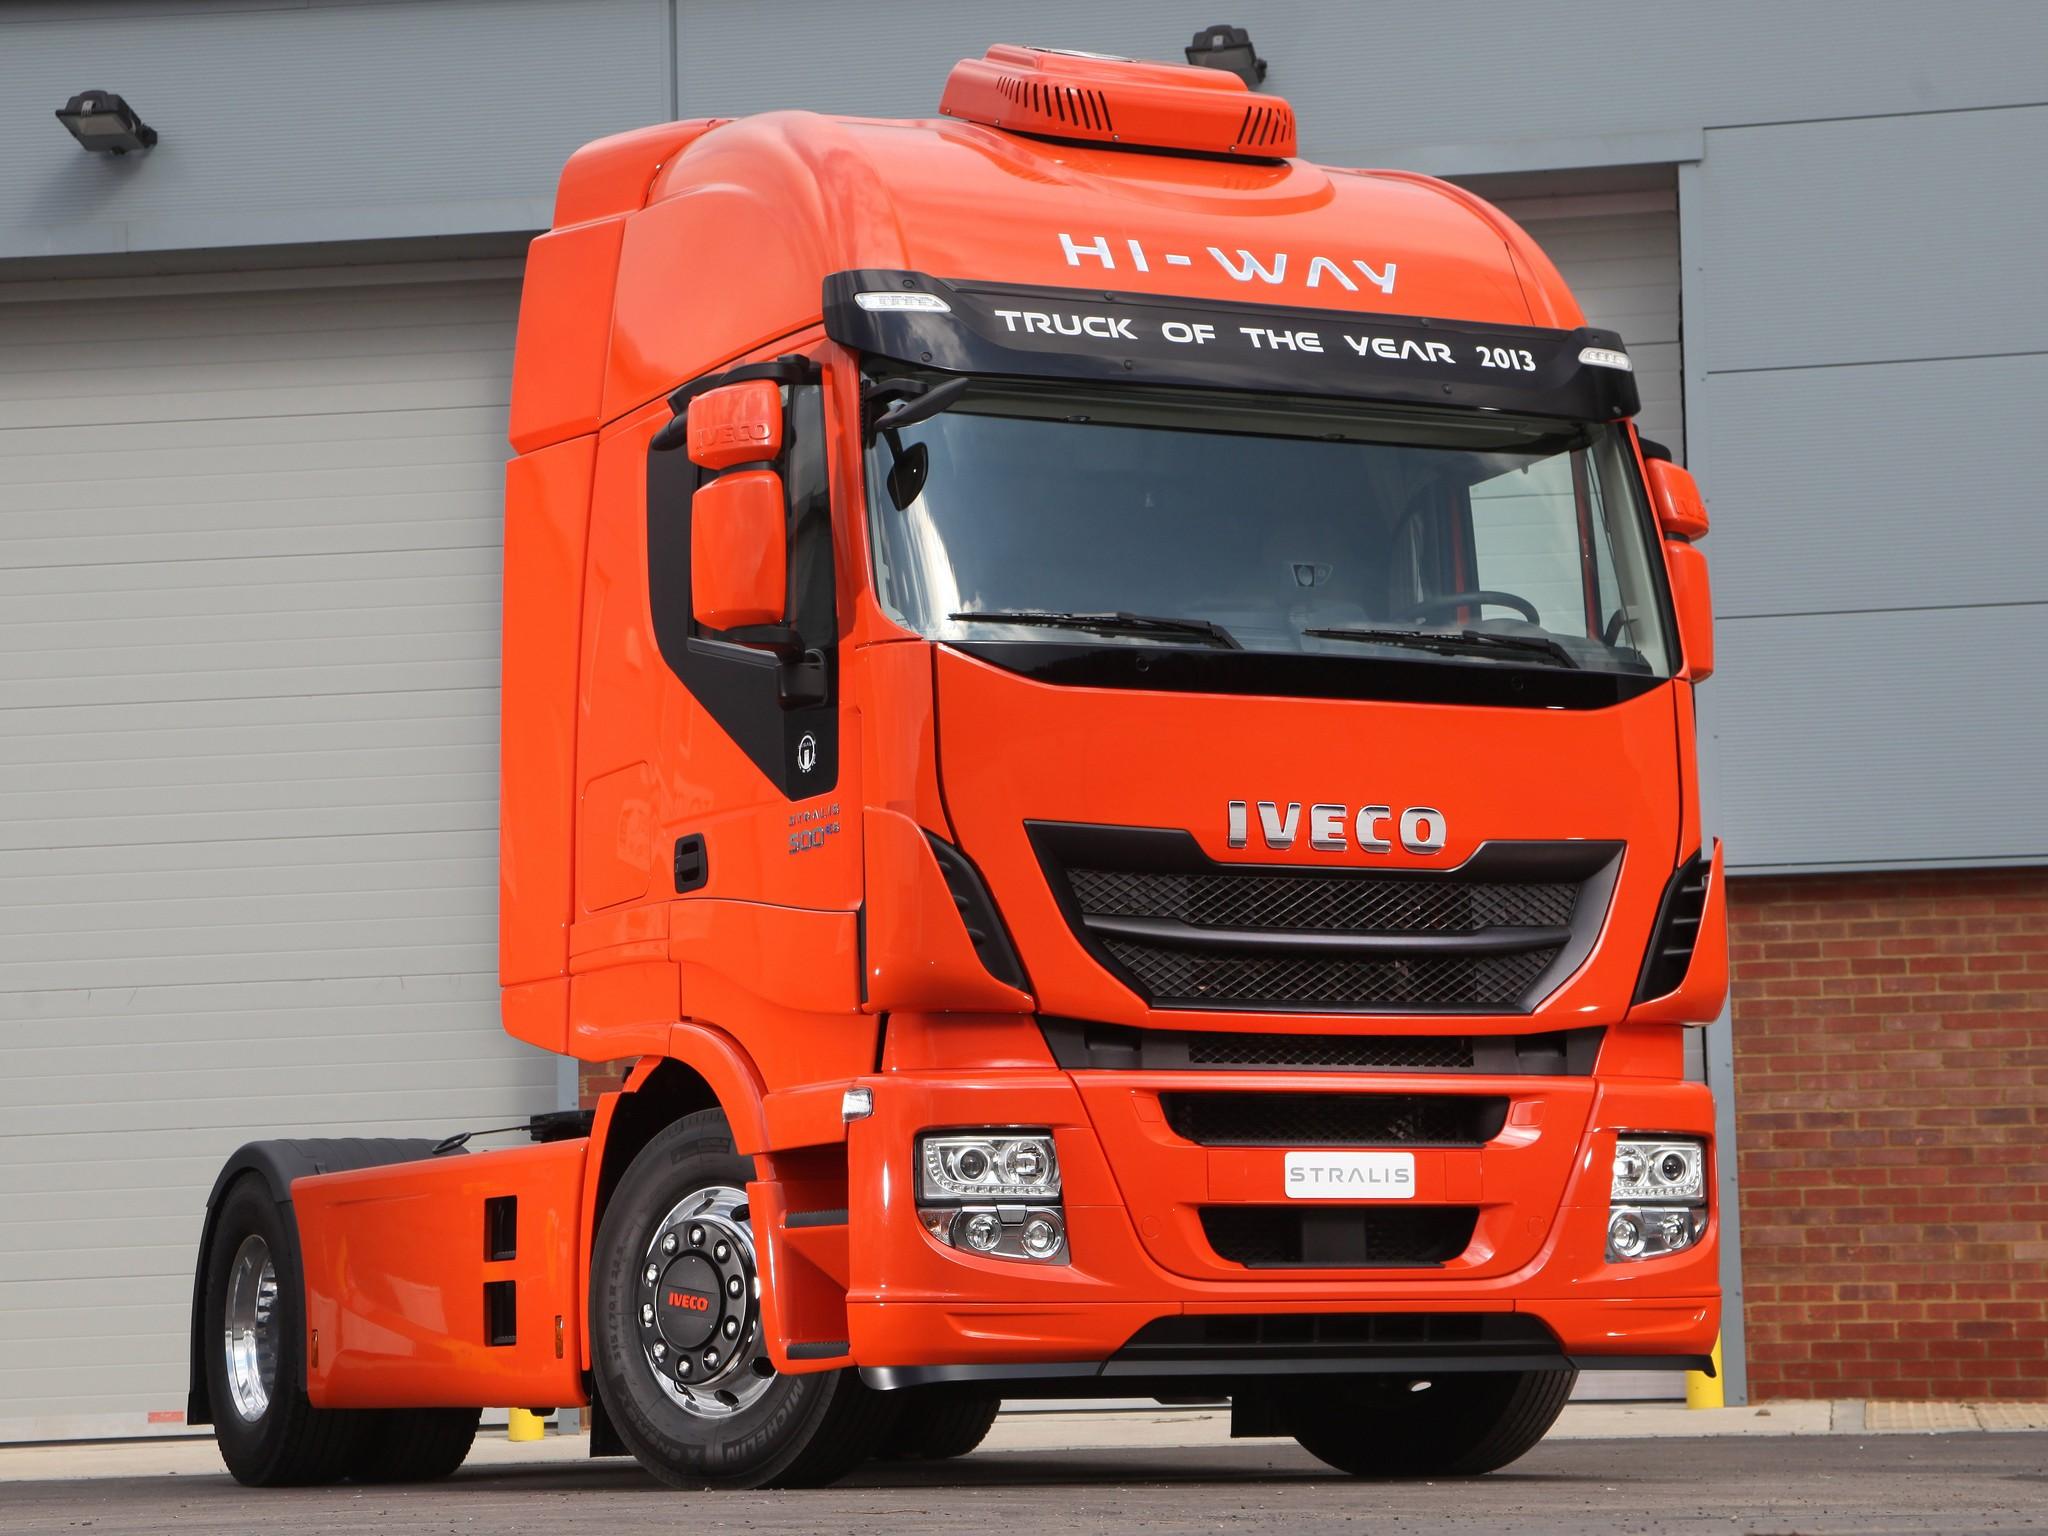 2012 Iveco Stralis Hi-Way 500 4x2 semi tractor rig truck transport